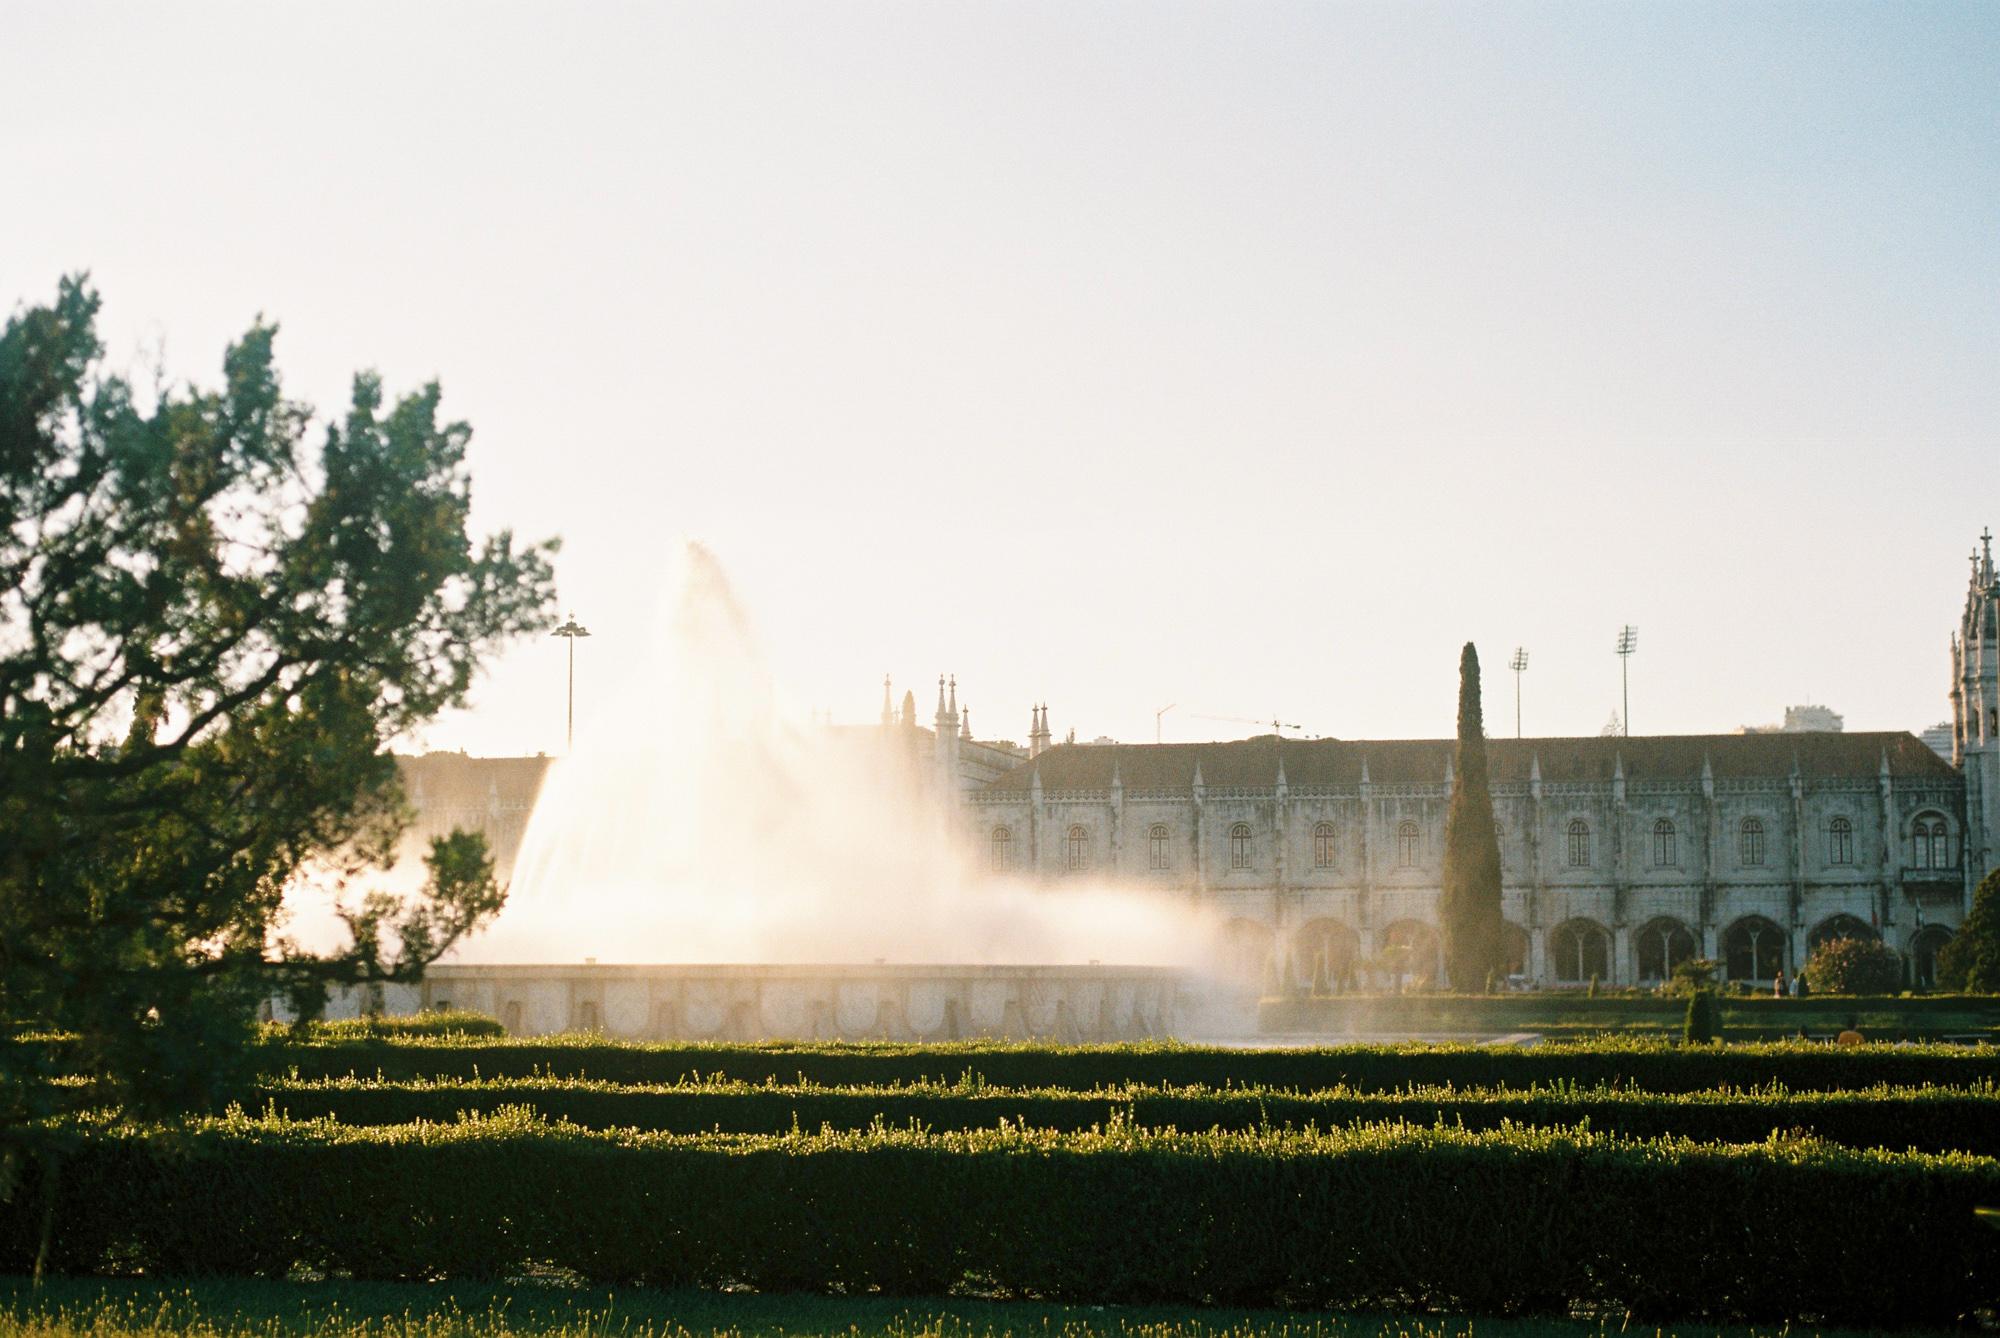 Fotografia-Analogica-Lisboa-Filme-Oceanica-11.jpg